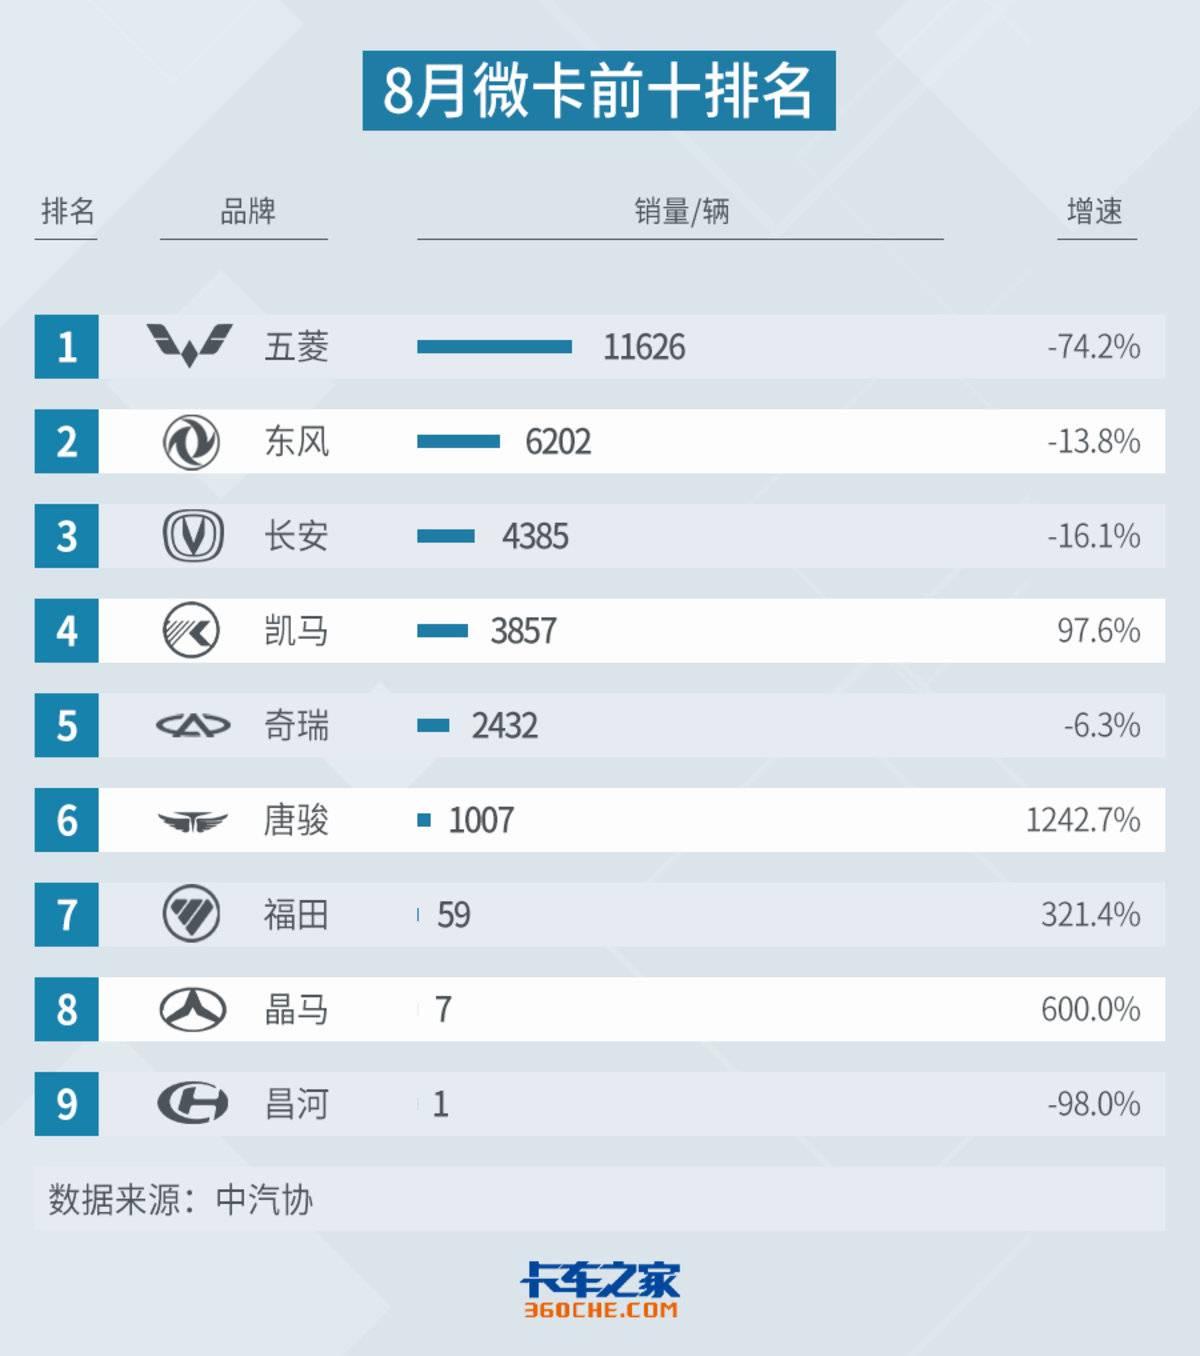 8月微卡:王者五菱销量下滑当月降幅达74.2%